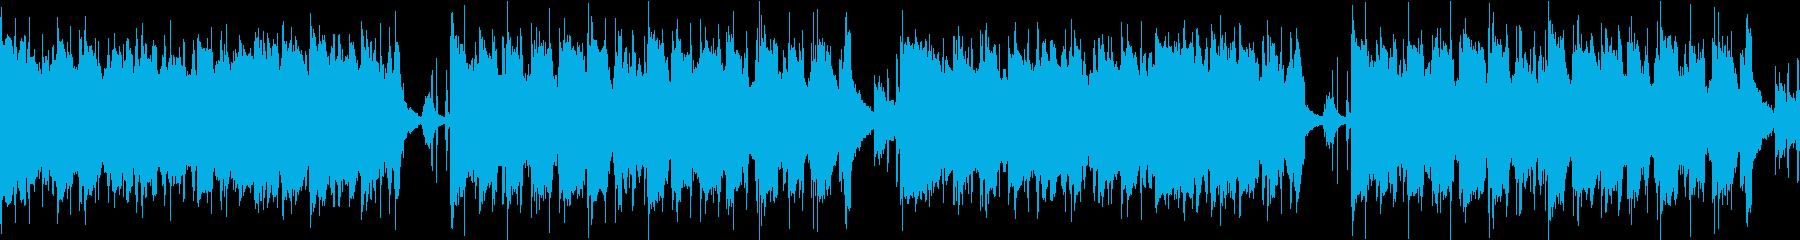 きらきら輝く 優しい雰囲気の楽曲 ループの再生済みの波形